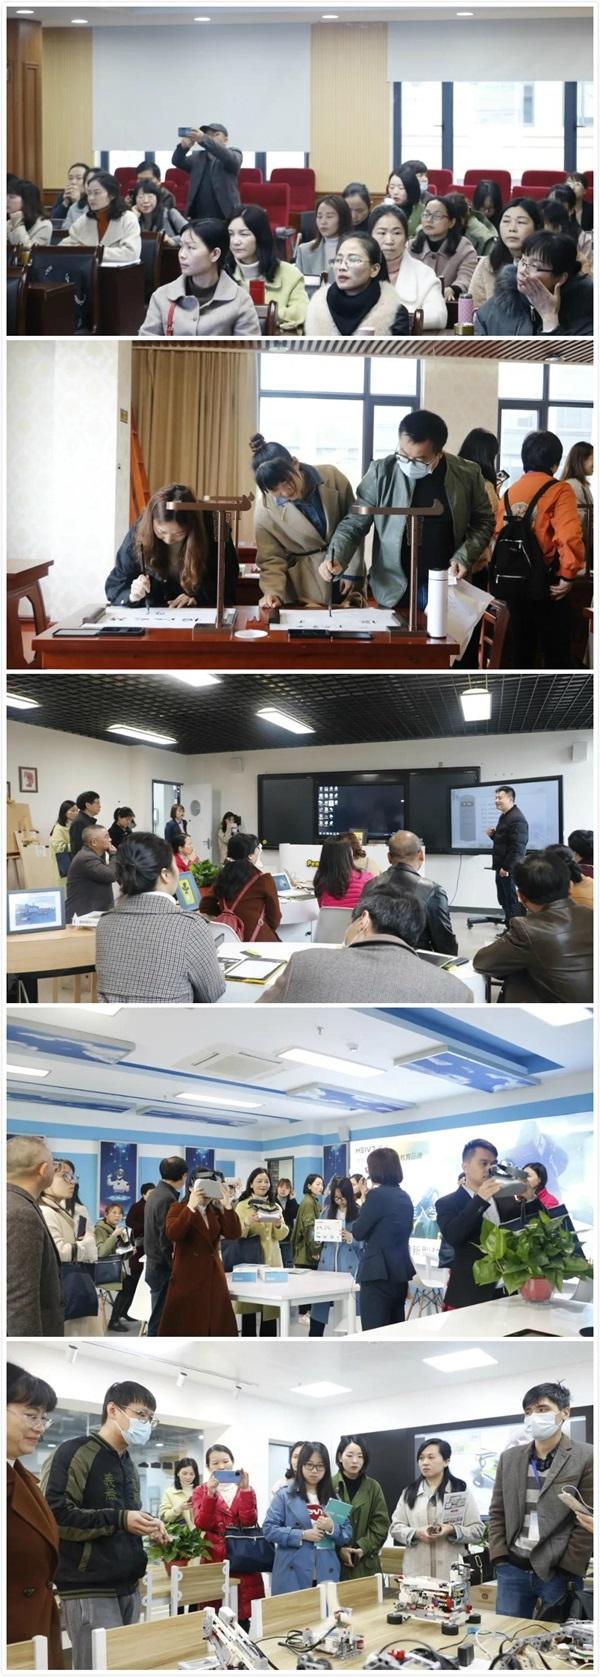 衡东县小学幼儿园骨干教师高级研修班活动_1